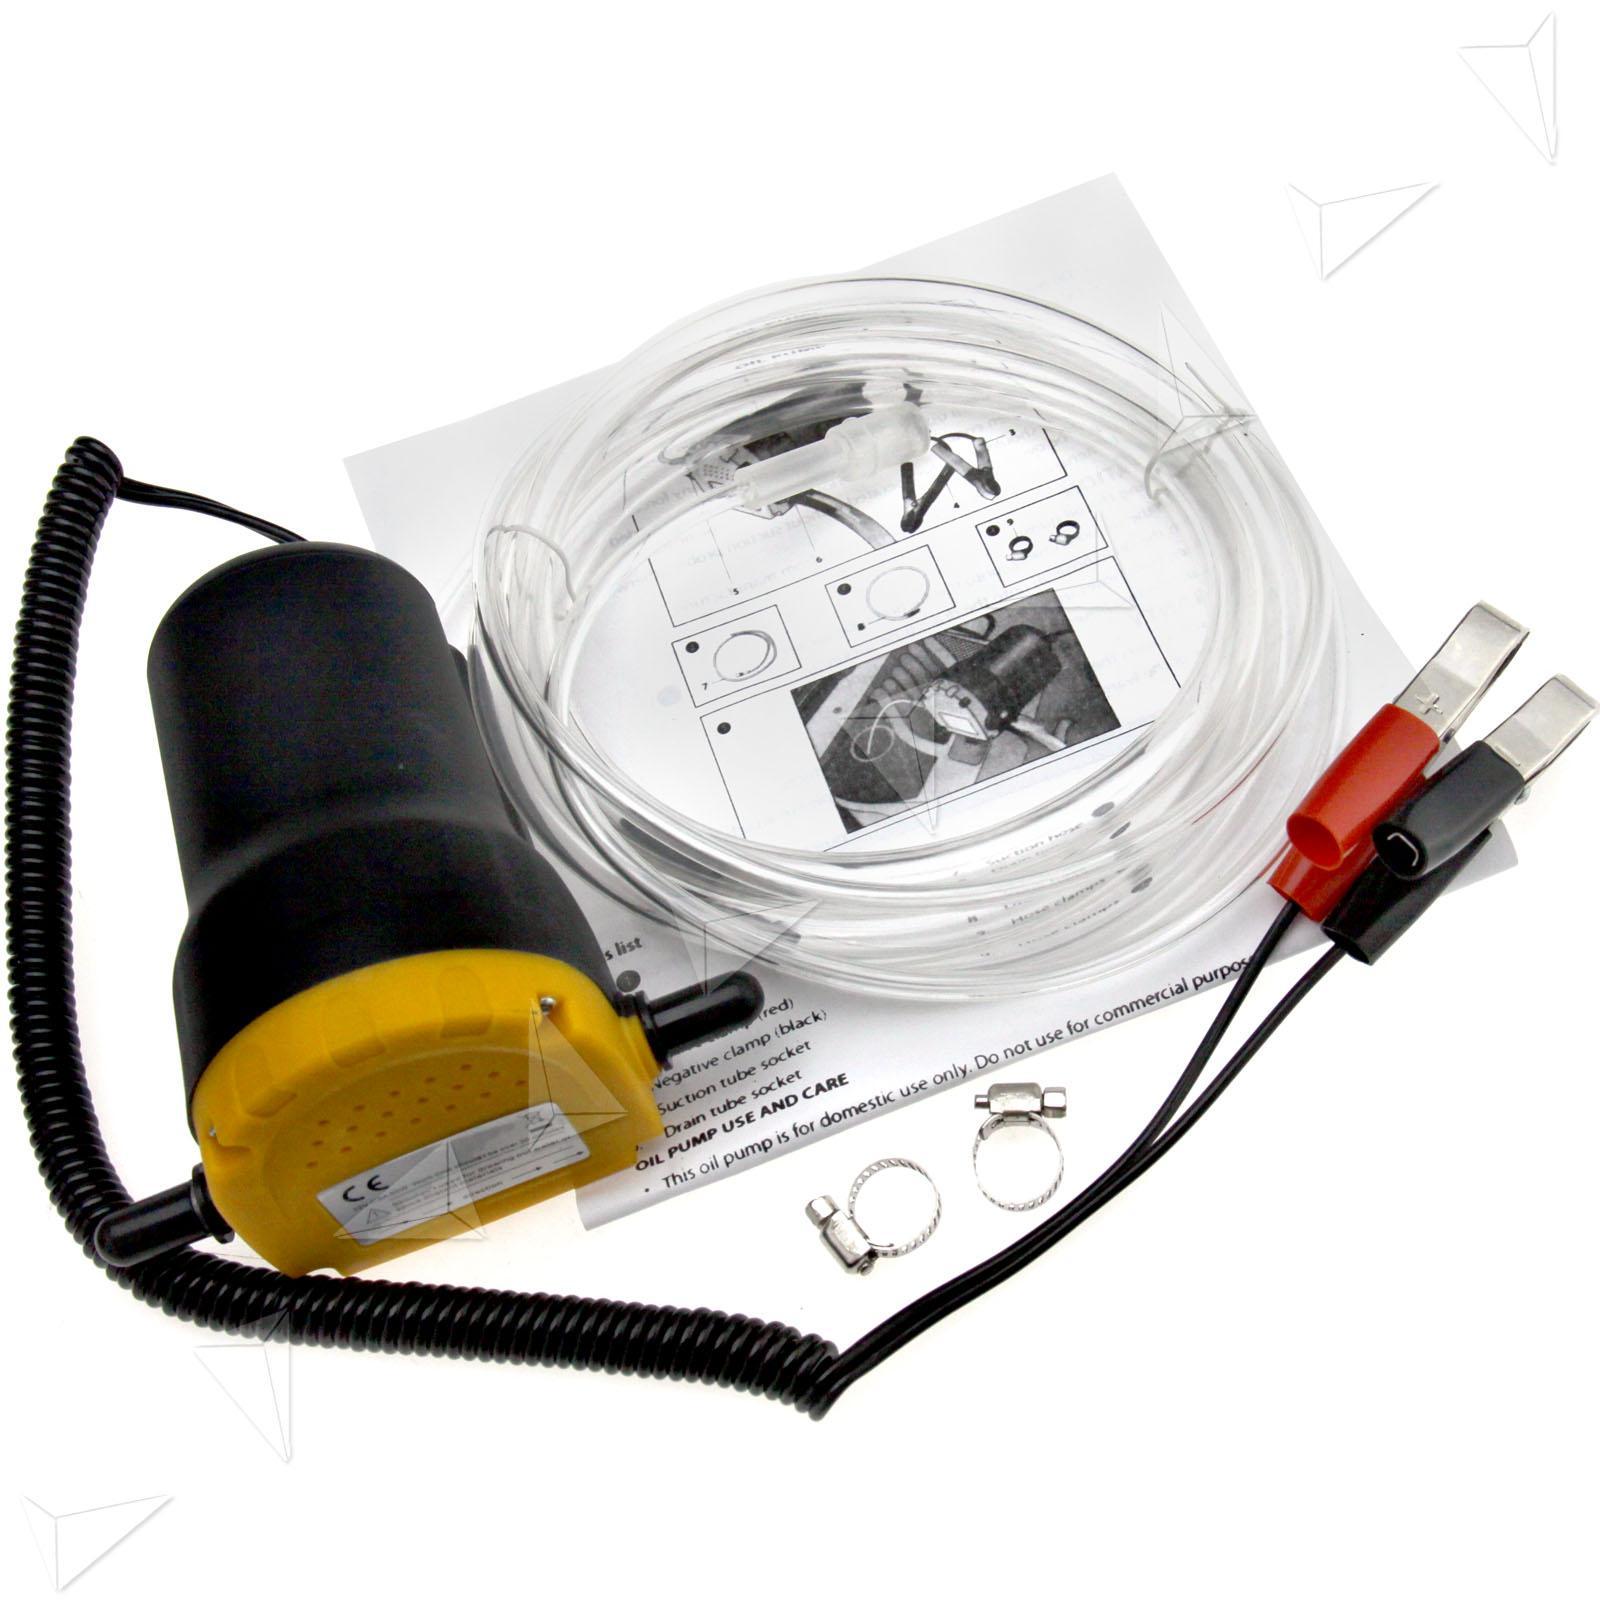 Ηλεκτρική αντλία λαδιού και πετρελαίου 12V